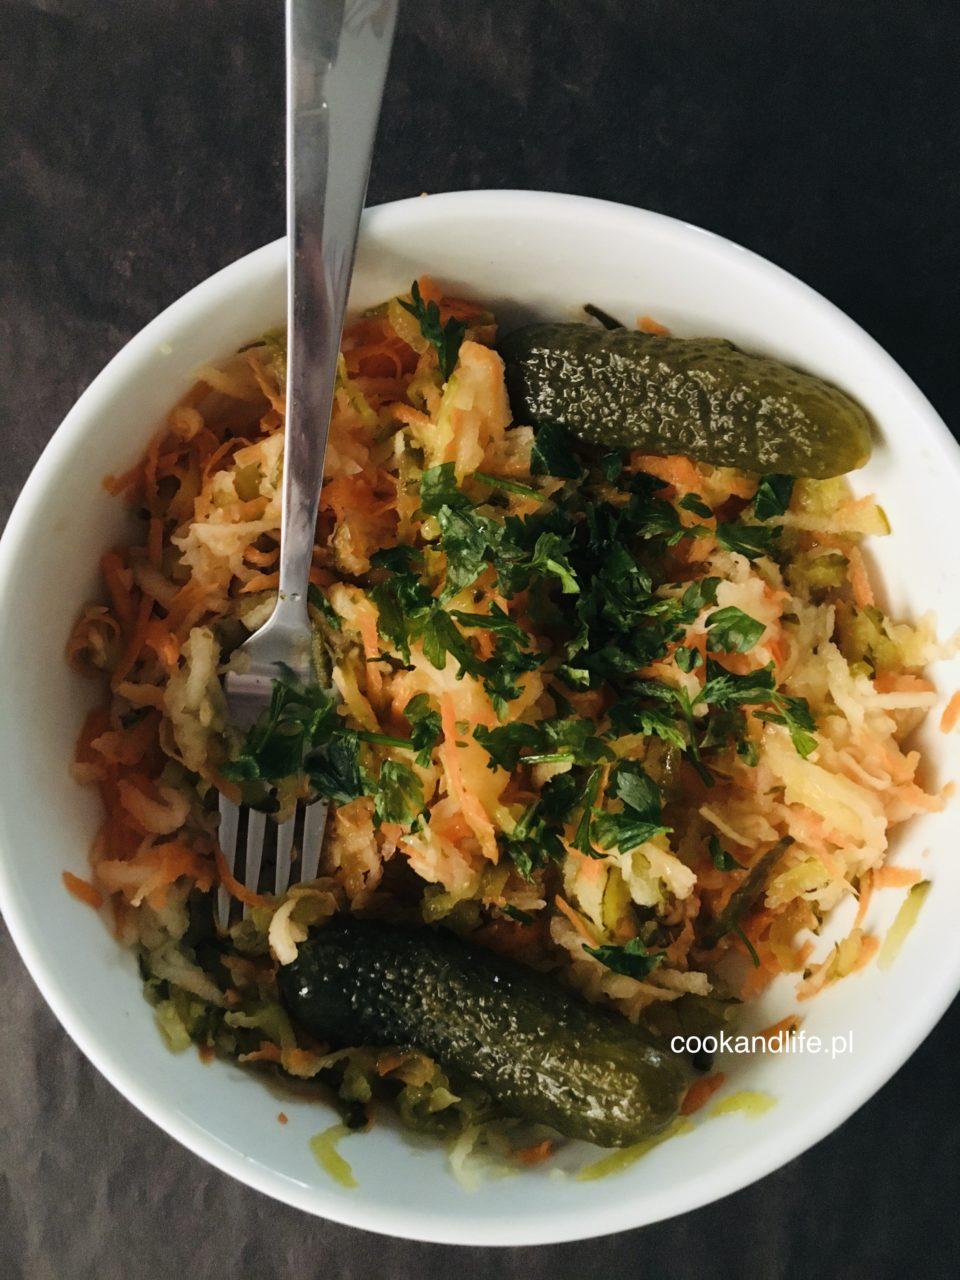 Surówka z ogórków kiszonych do obiadu